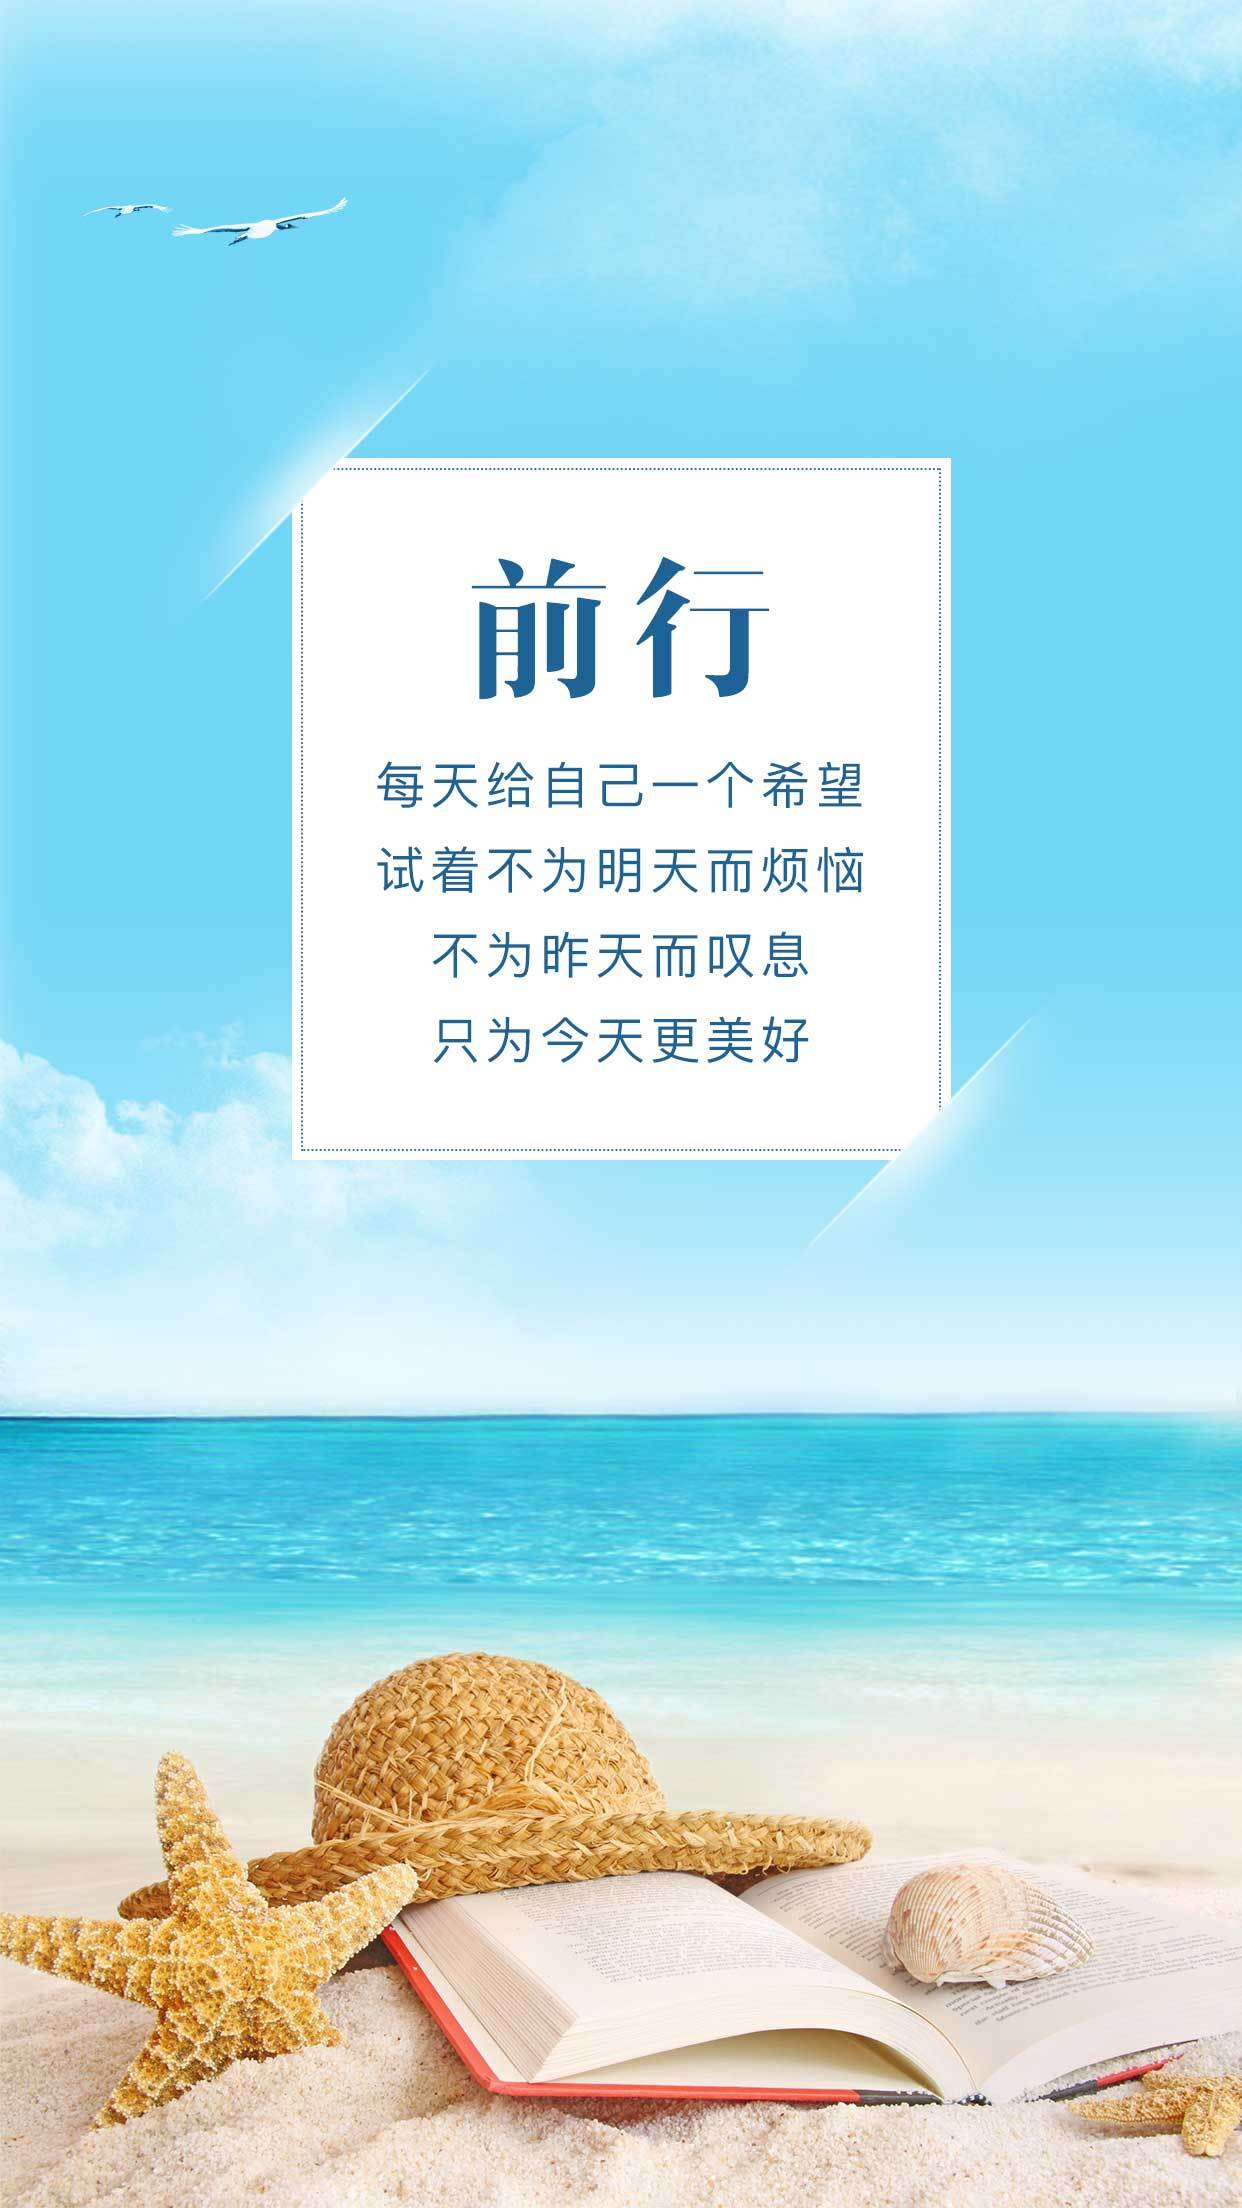 沙滩白云正能量